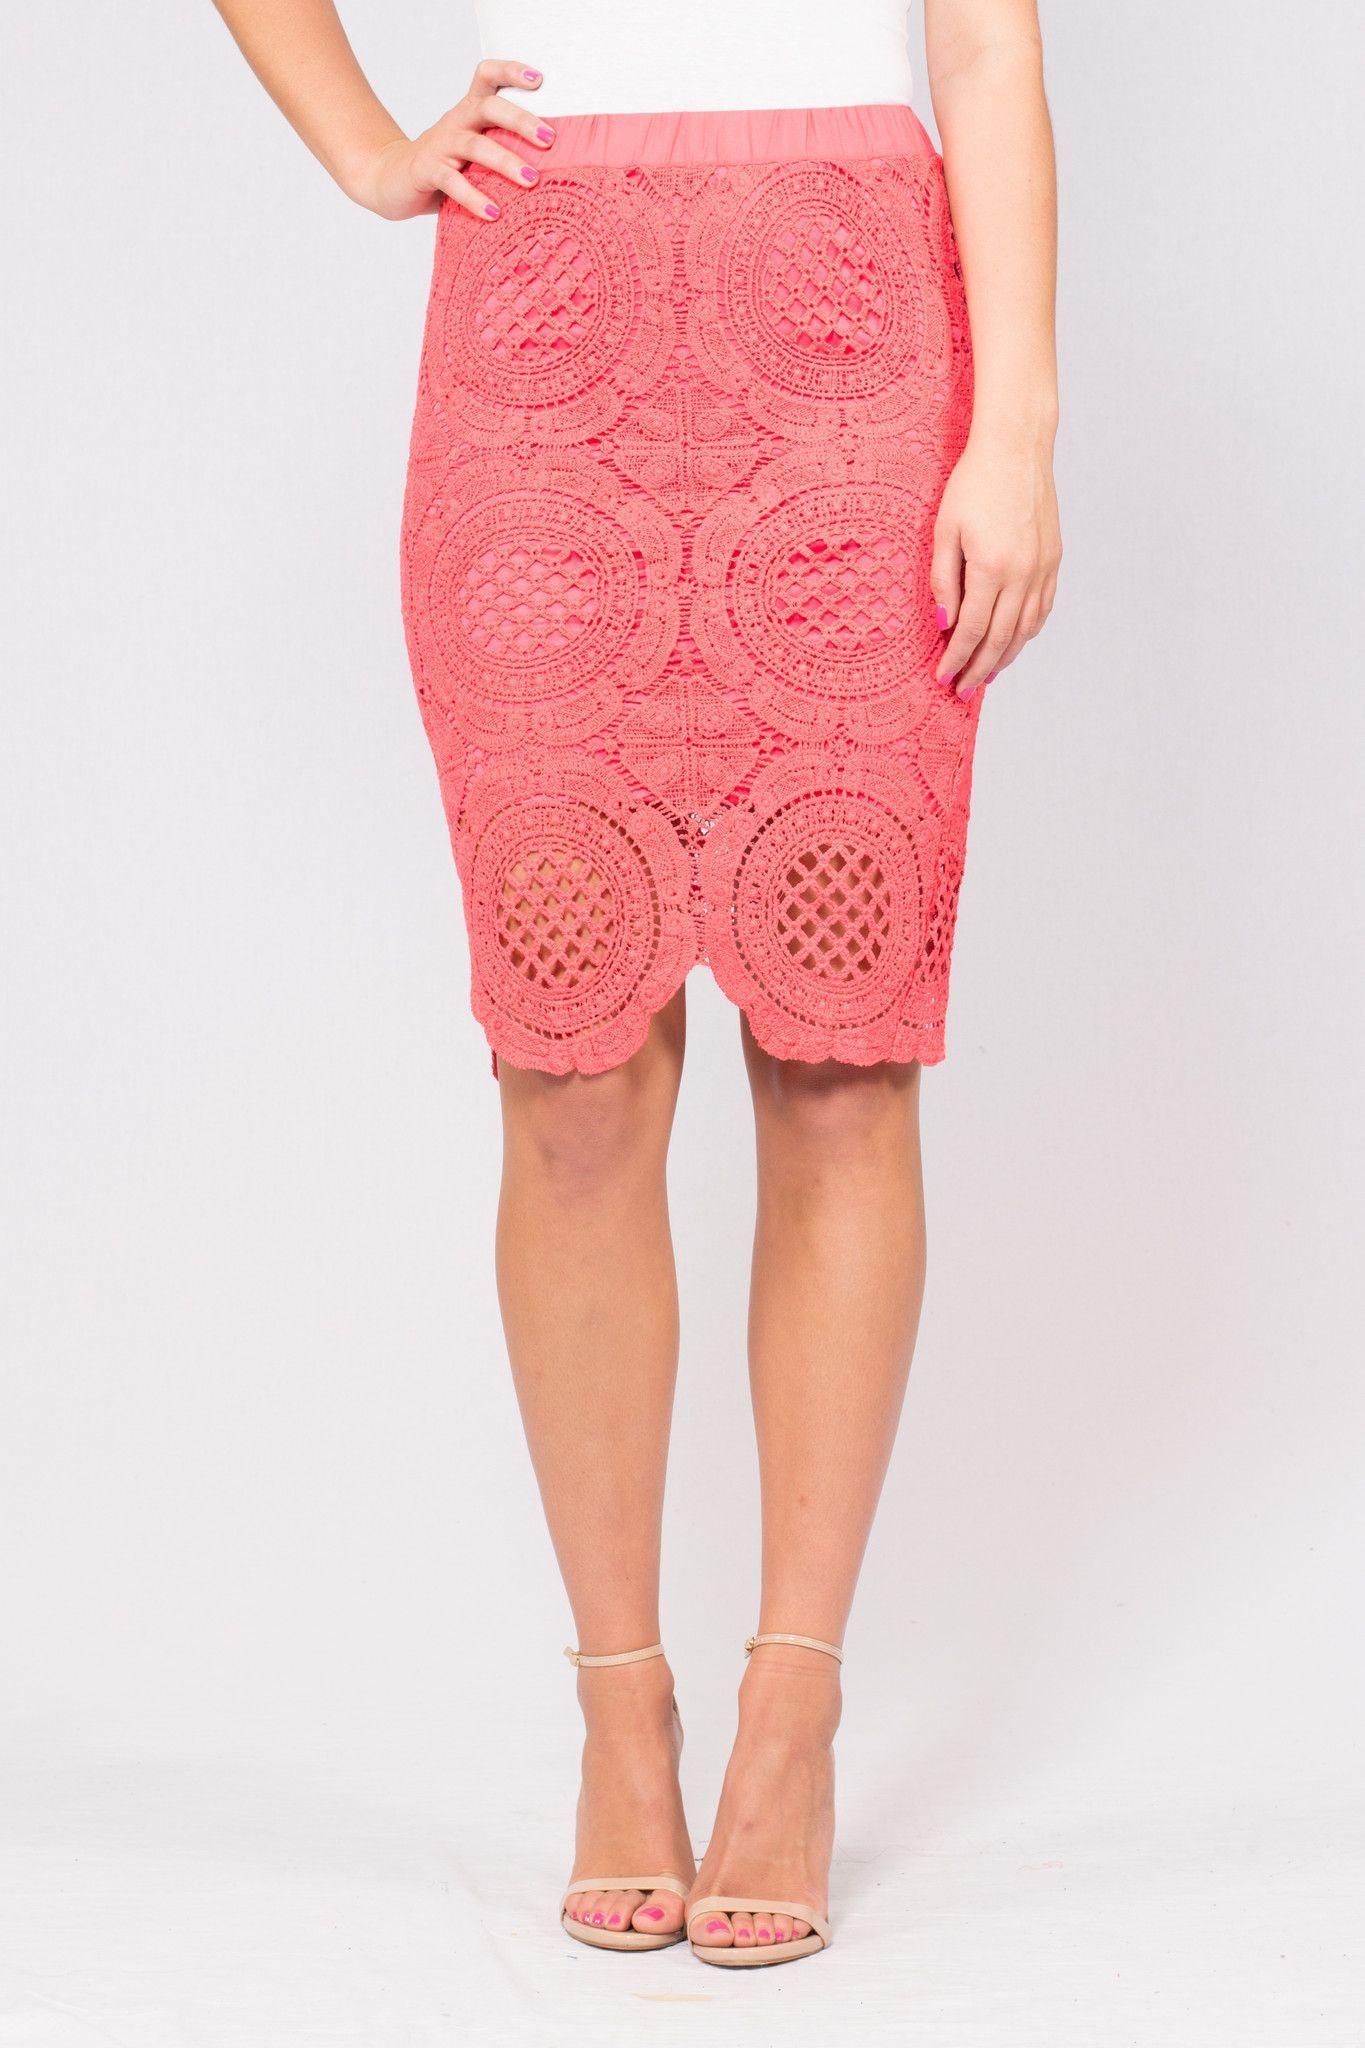 Enchanted Evening Crochet Skirt